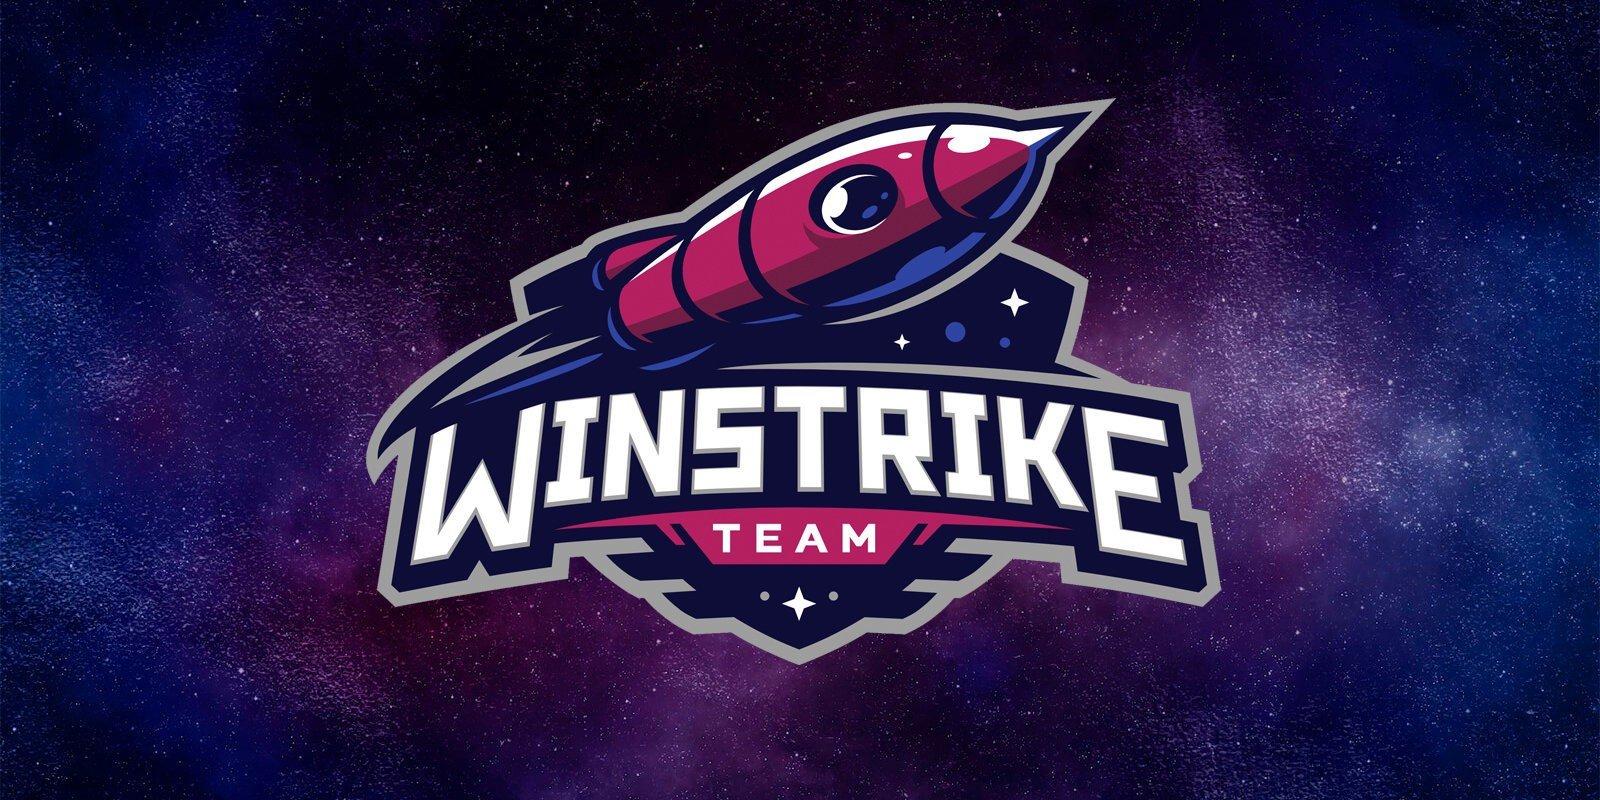 Winstrike подписала бывших игроков Hard Legion